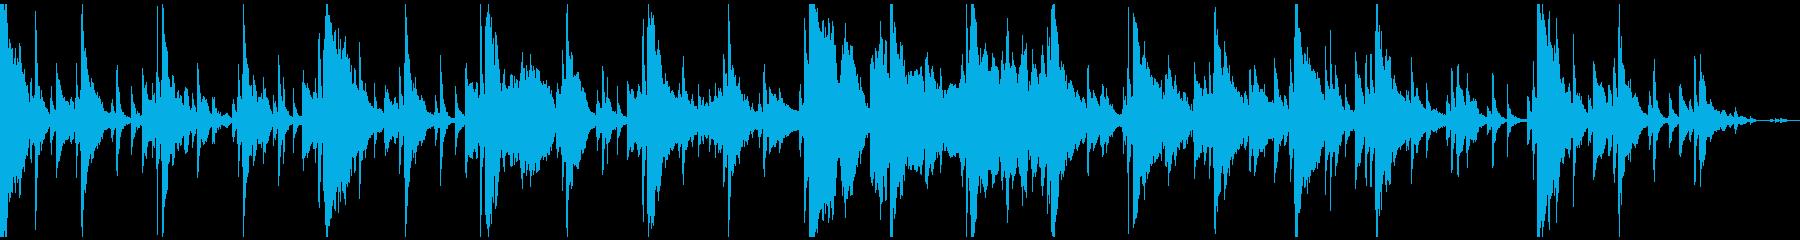 和風 お城境内に合うBGMの再生済みの波形